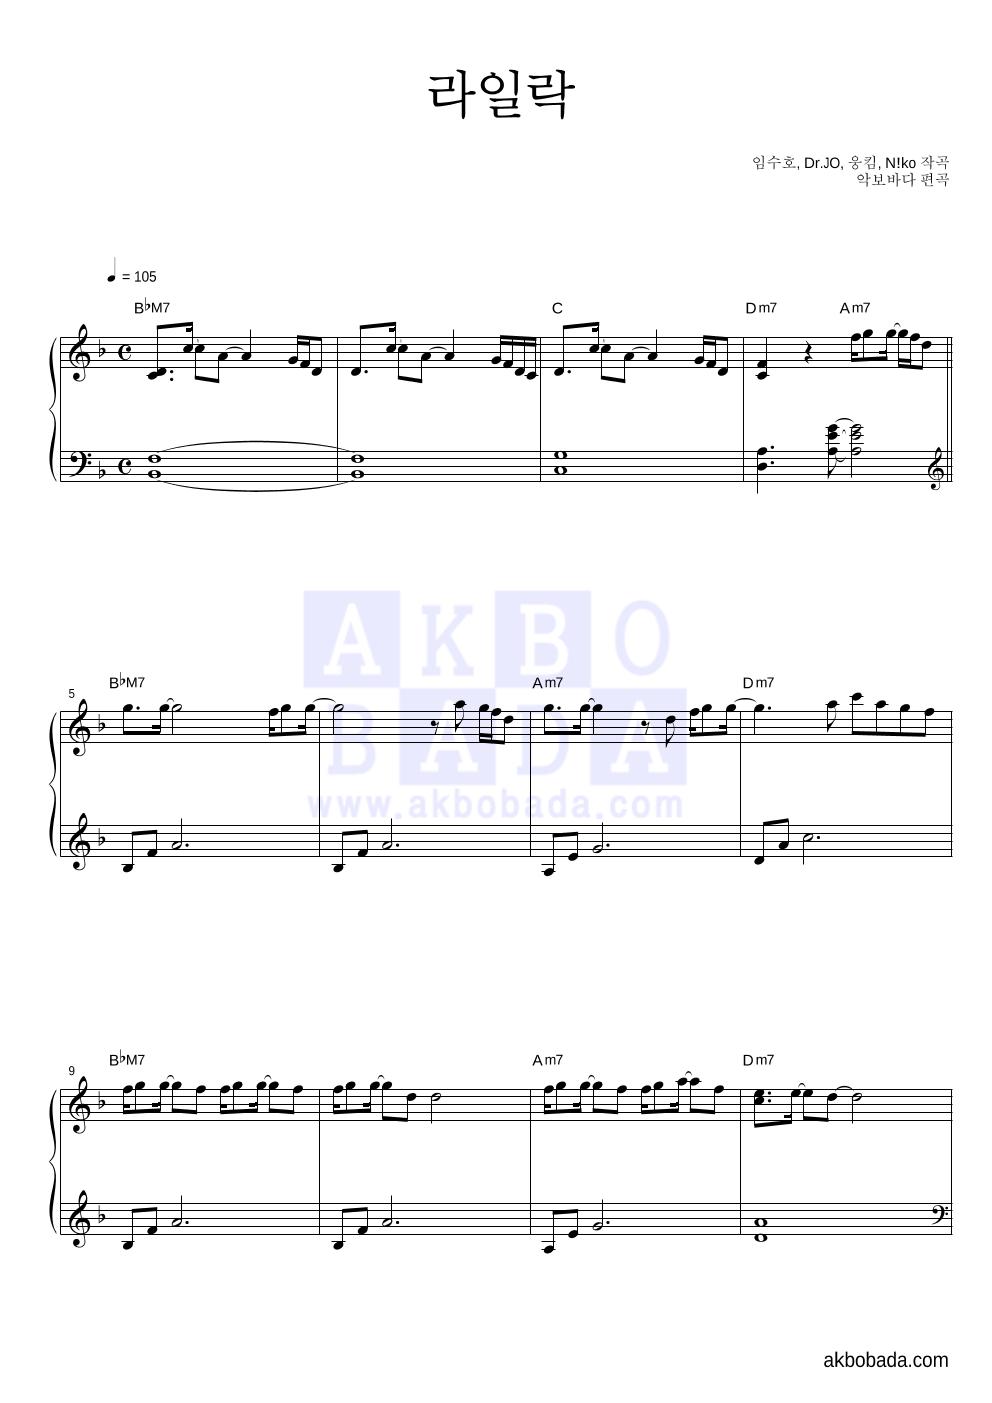 아이유 - 라일락 피아노 마스터 악보